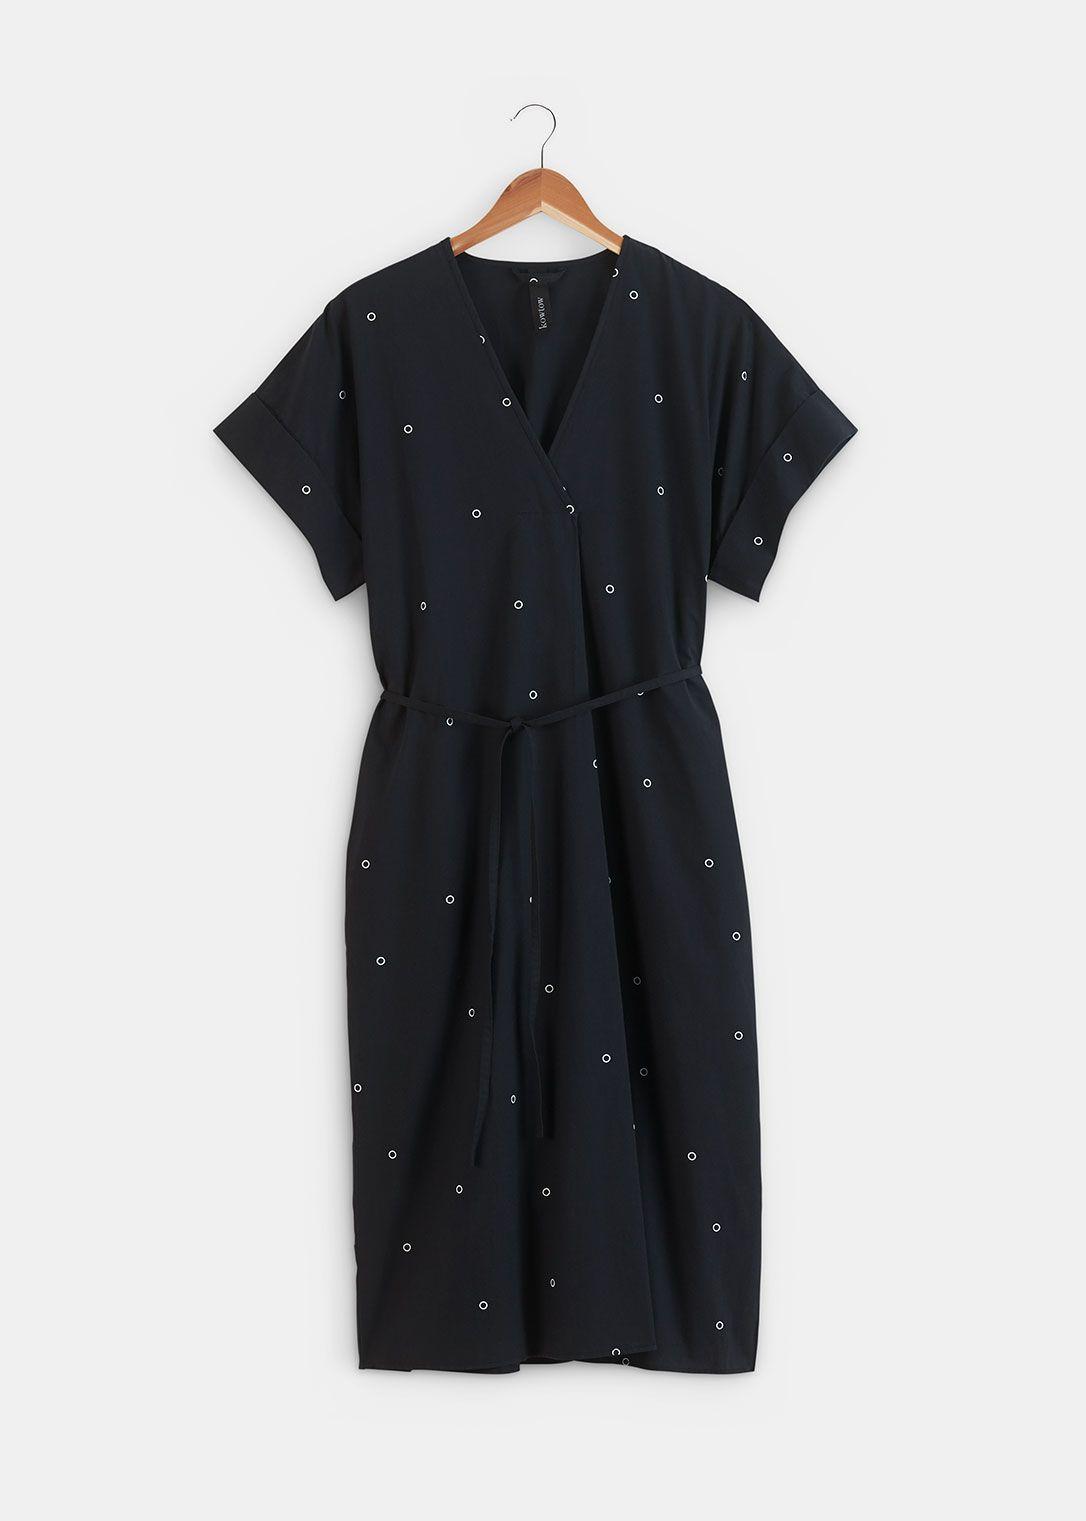 Mandarin collar flannel  Kowtow Uniform Dress  Rodaleus  dress inspiration  Pinterest